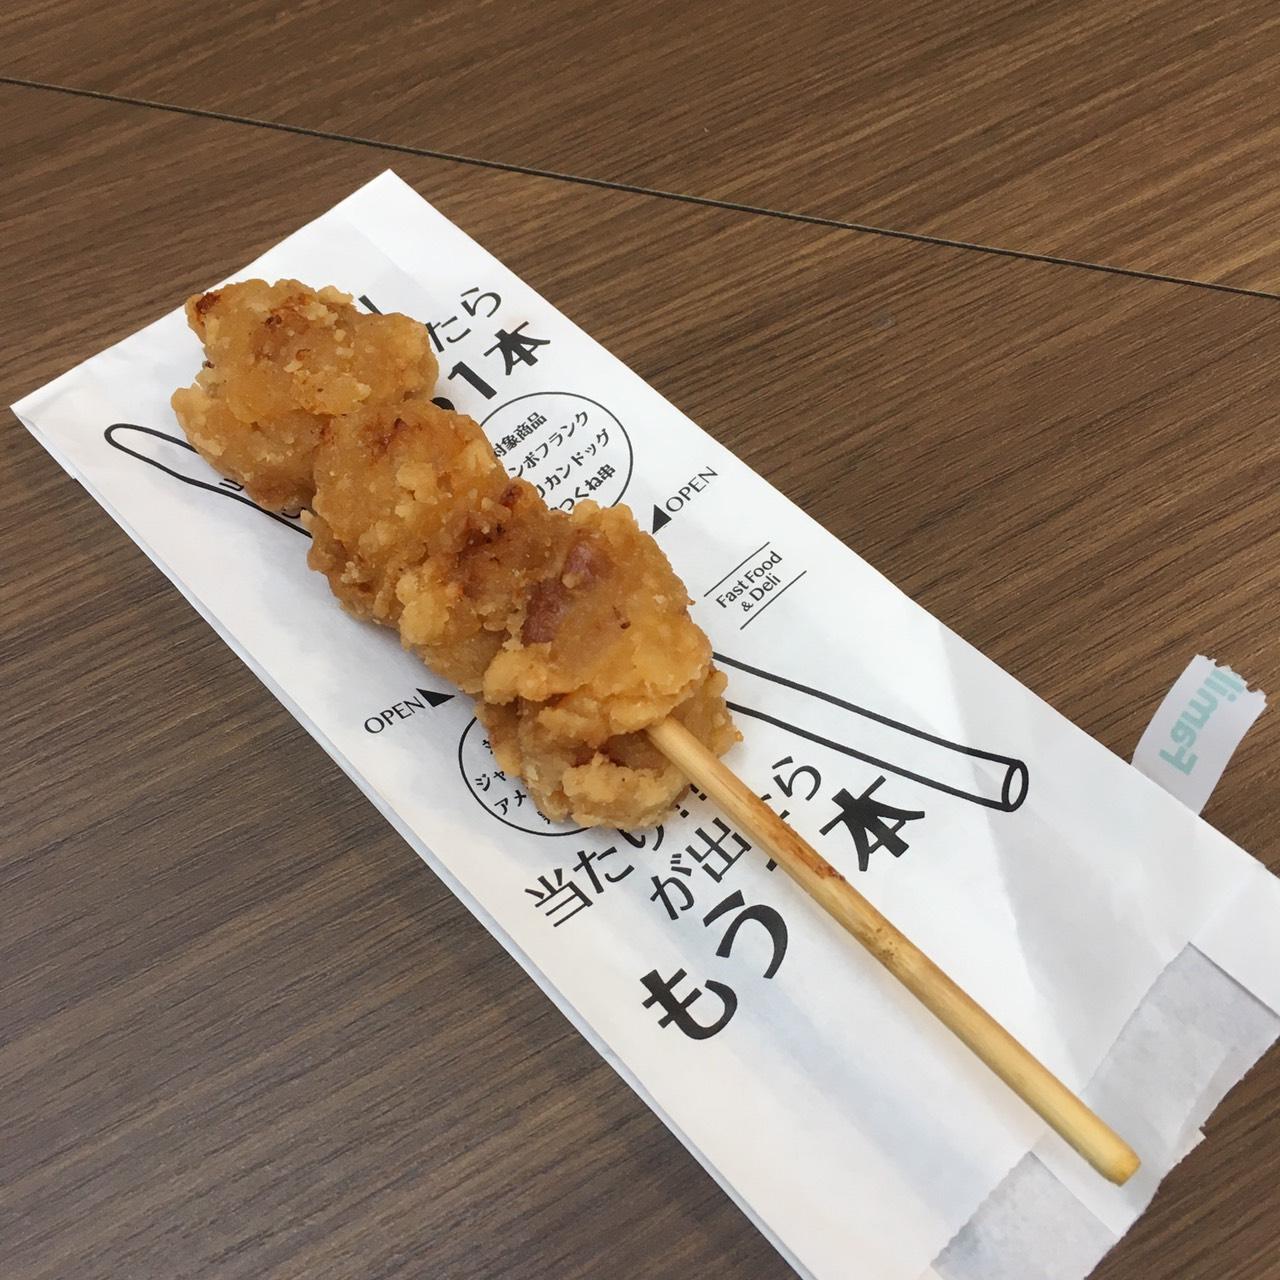 からあげ串 食べ比べ! セブンイレブン、ファミリーマート、ポプラ